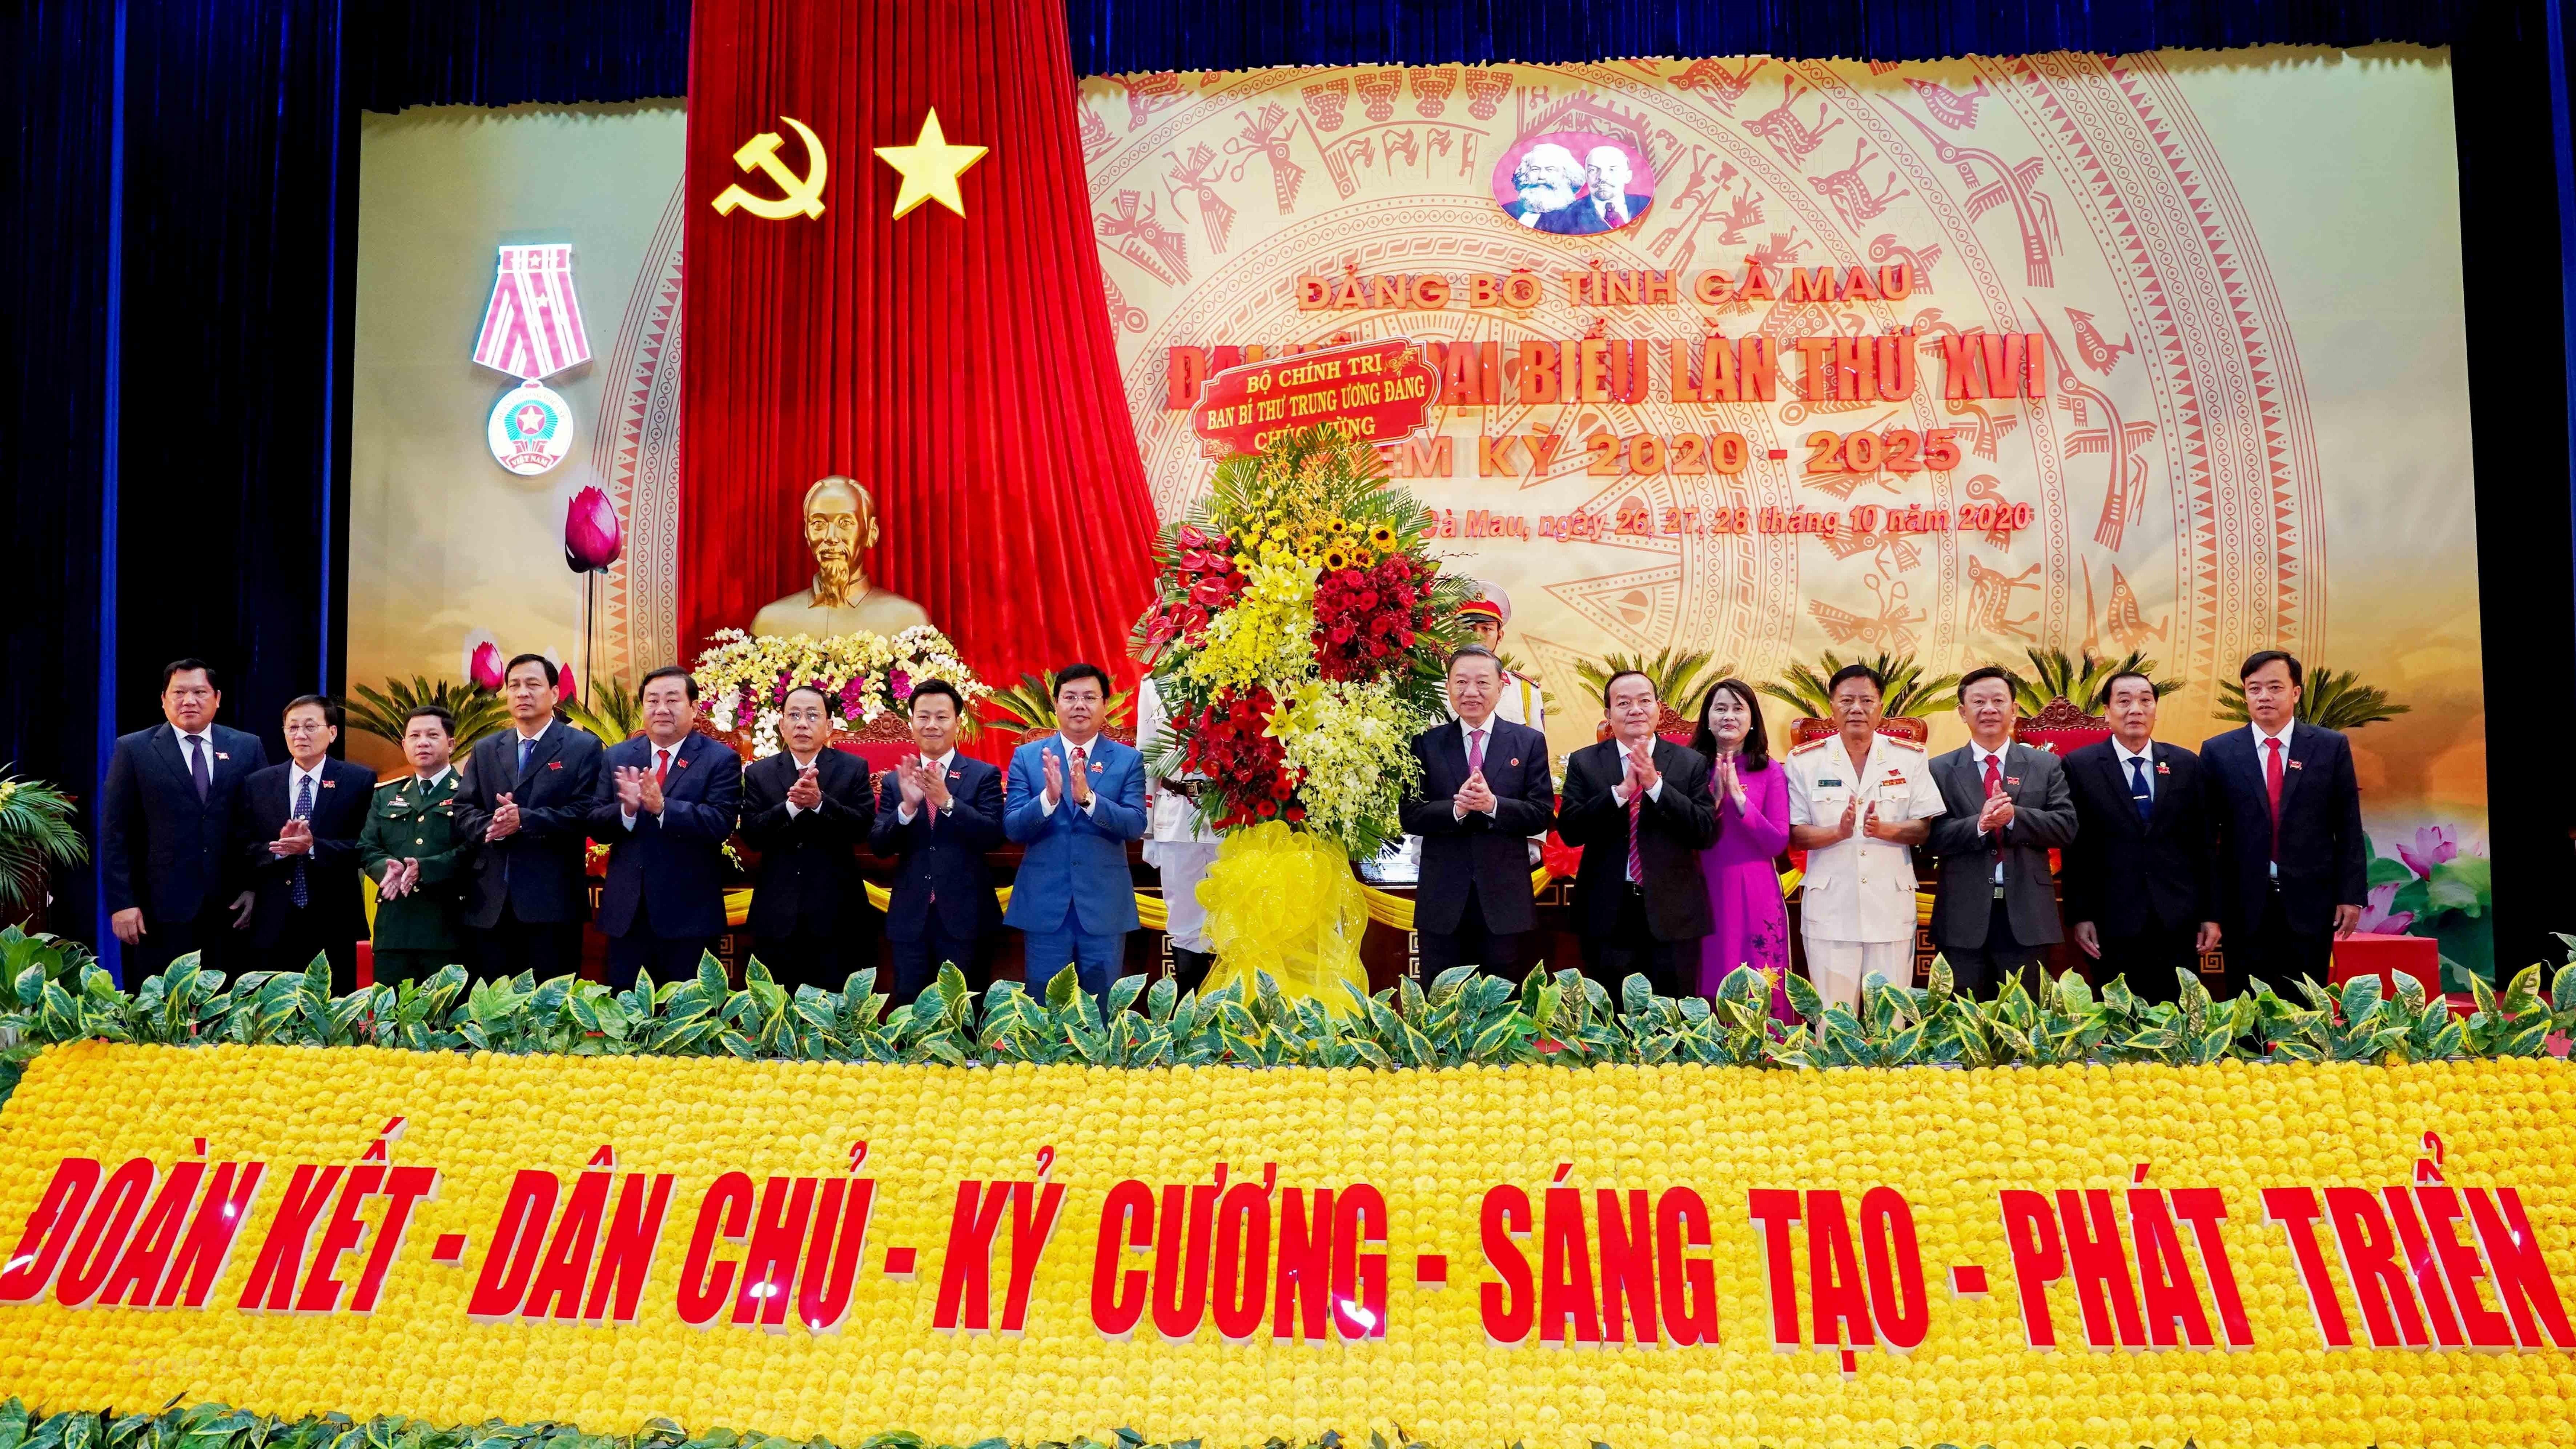 Dong chi To Lam tham du va chi dao Dai hoi Dang bo tinh Ca Mau lan XVI hinh anh 3